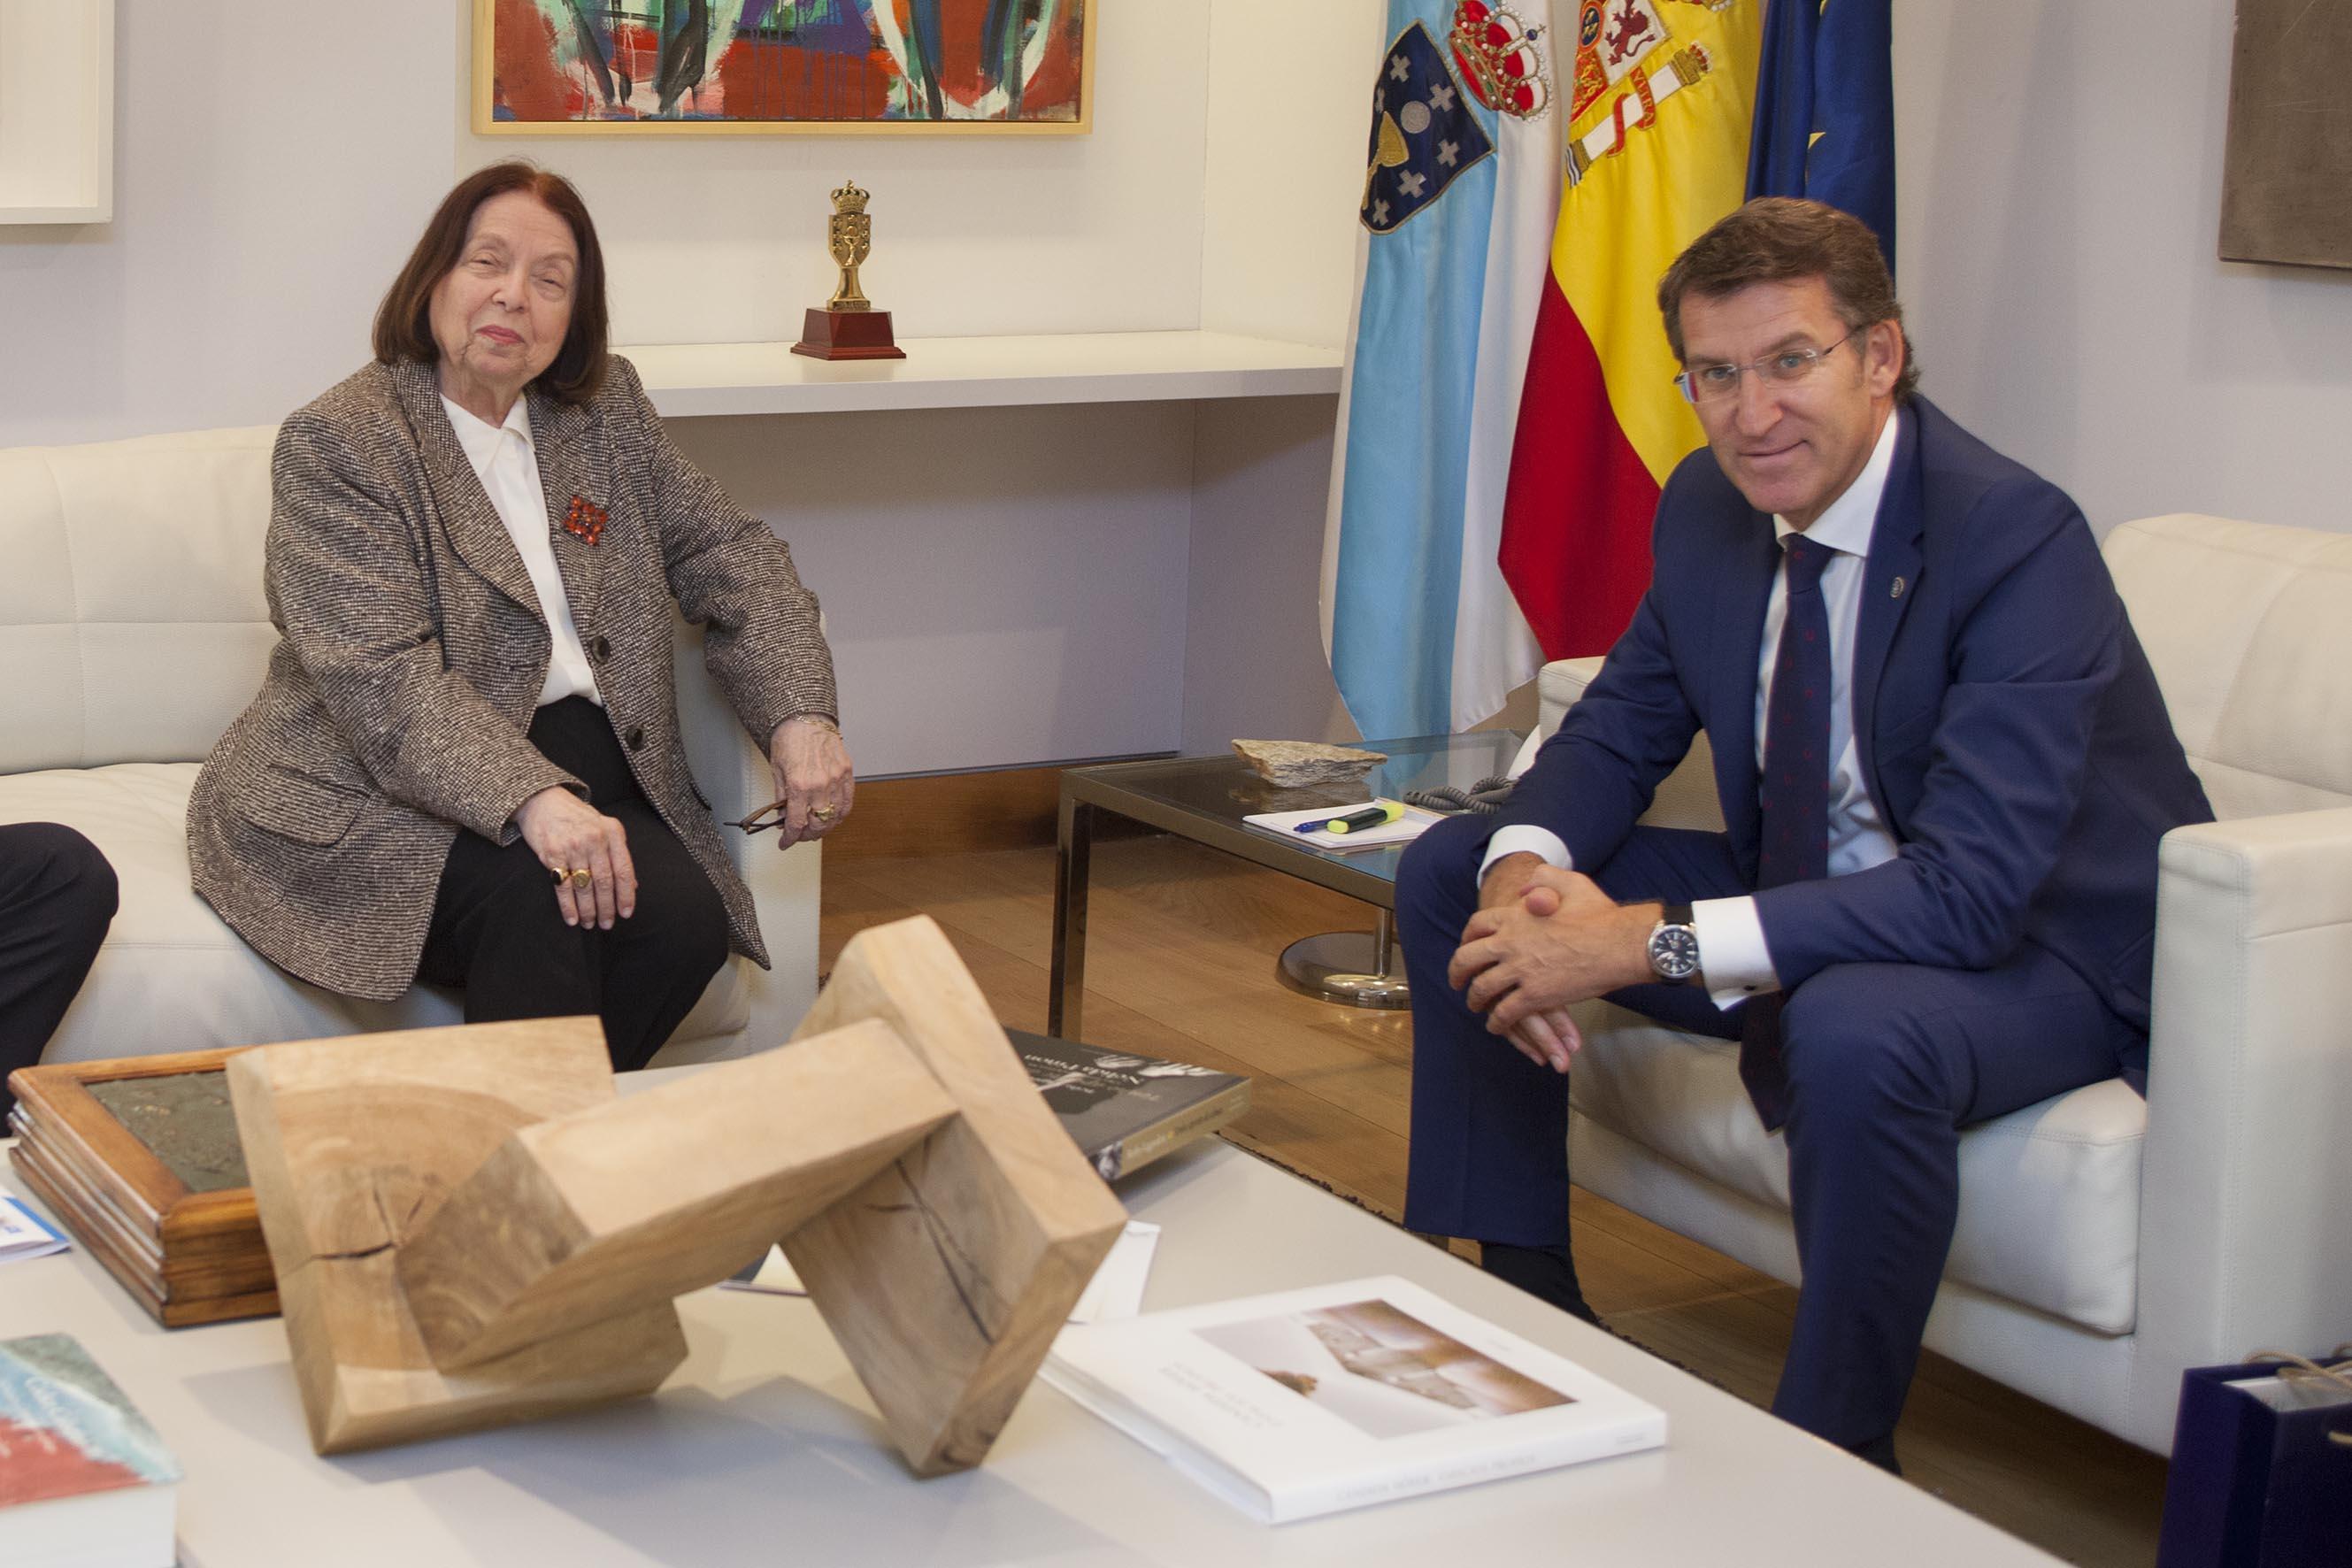 O presidente do Goberno galego, Alberto Núñez Feijóo, recibiu esta mañá, xunto ao secretario xeral de Cultura, Anxo Lorenzo, a escritrora e xornalista, Nélida Piñón  Autor: Xoán Crespo